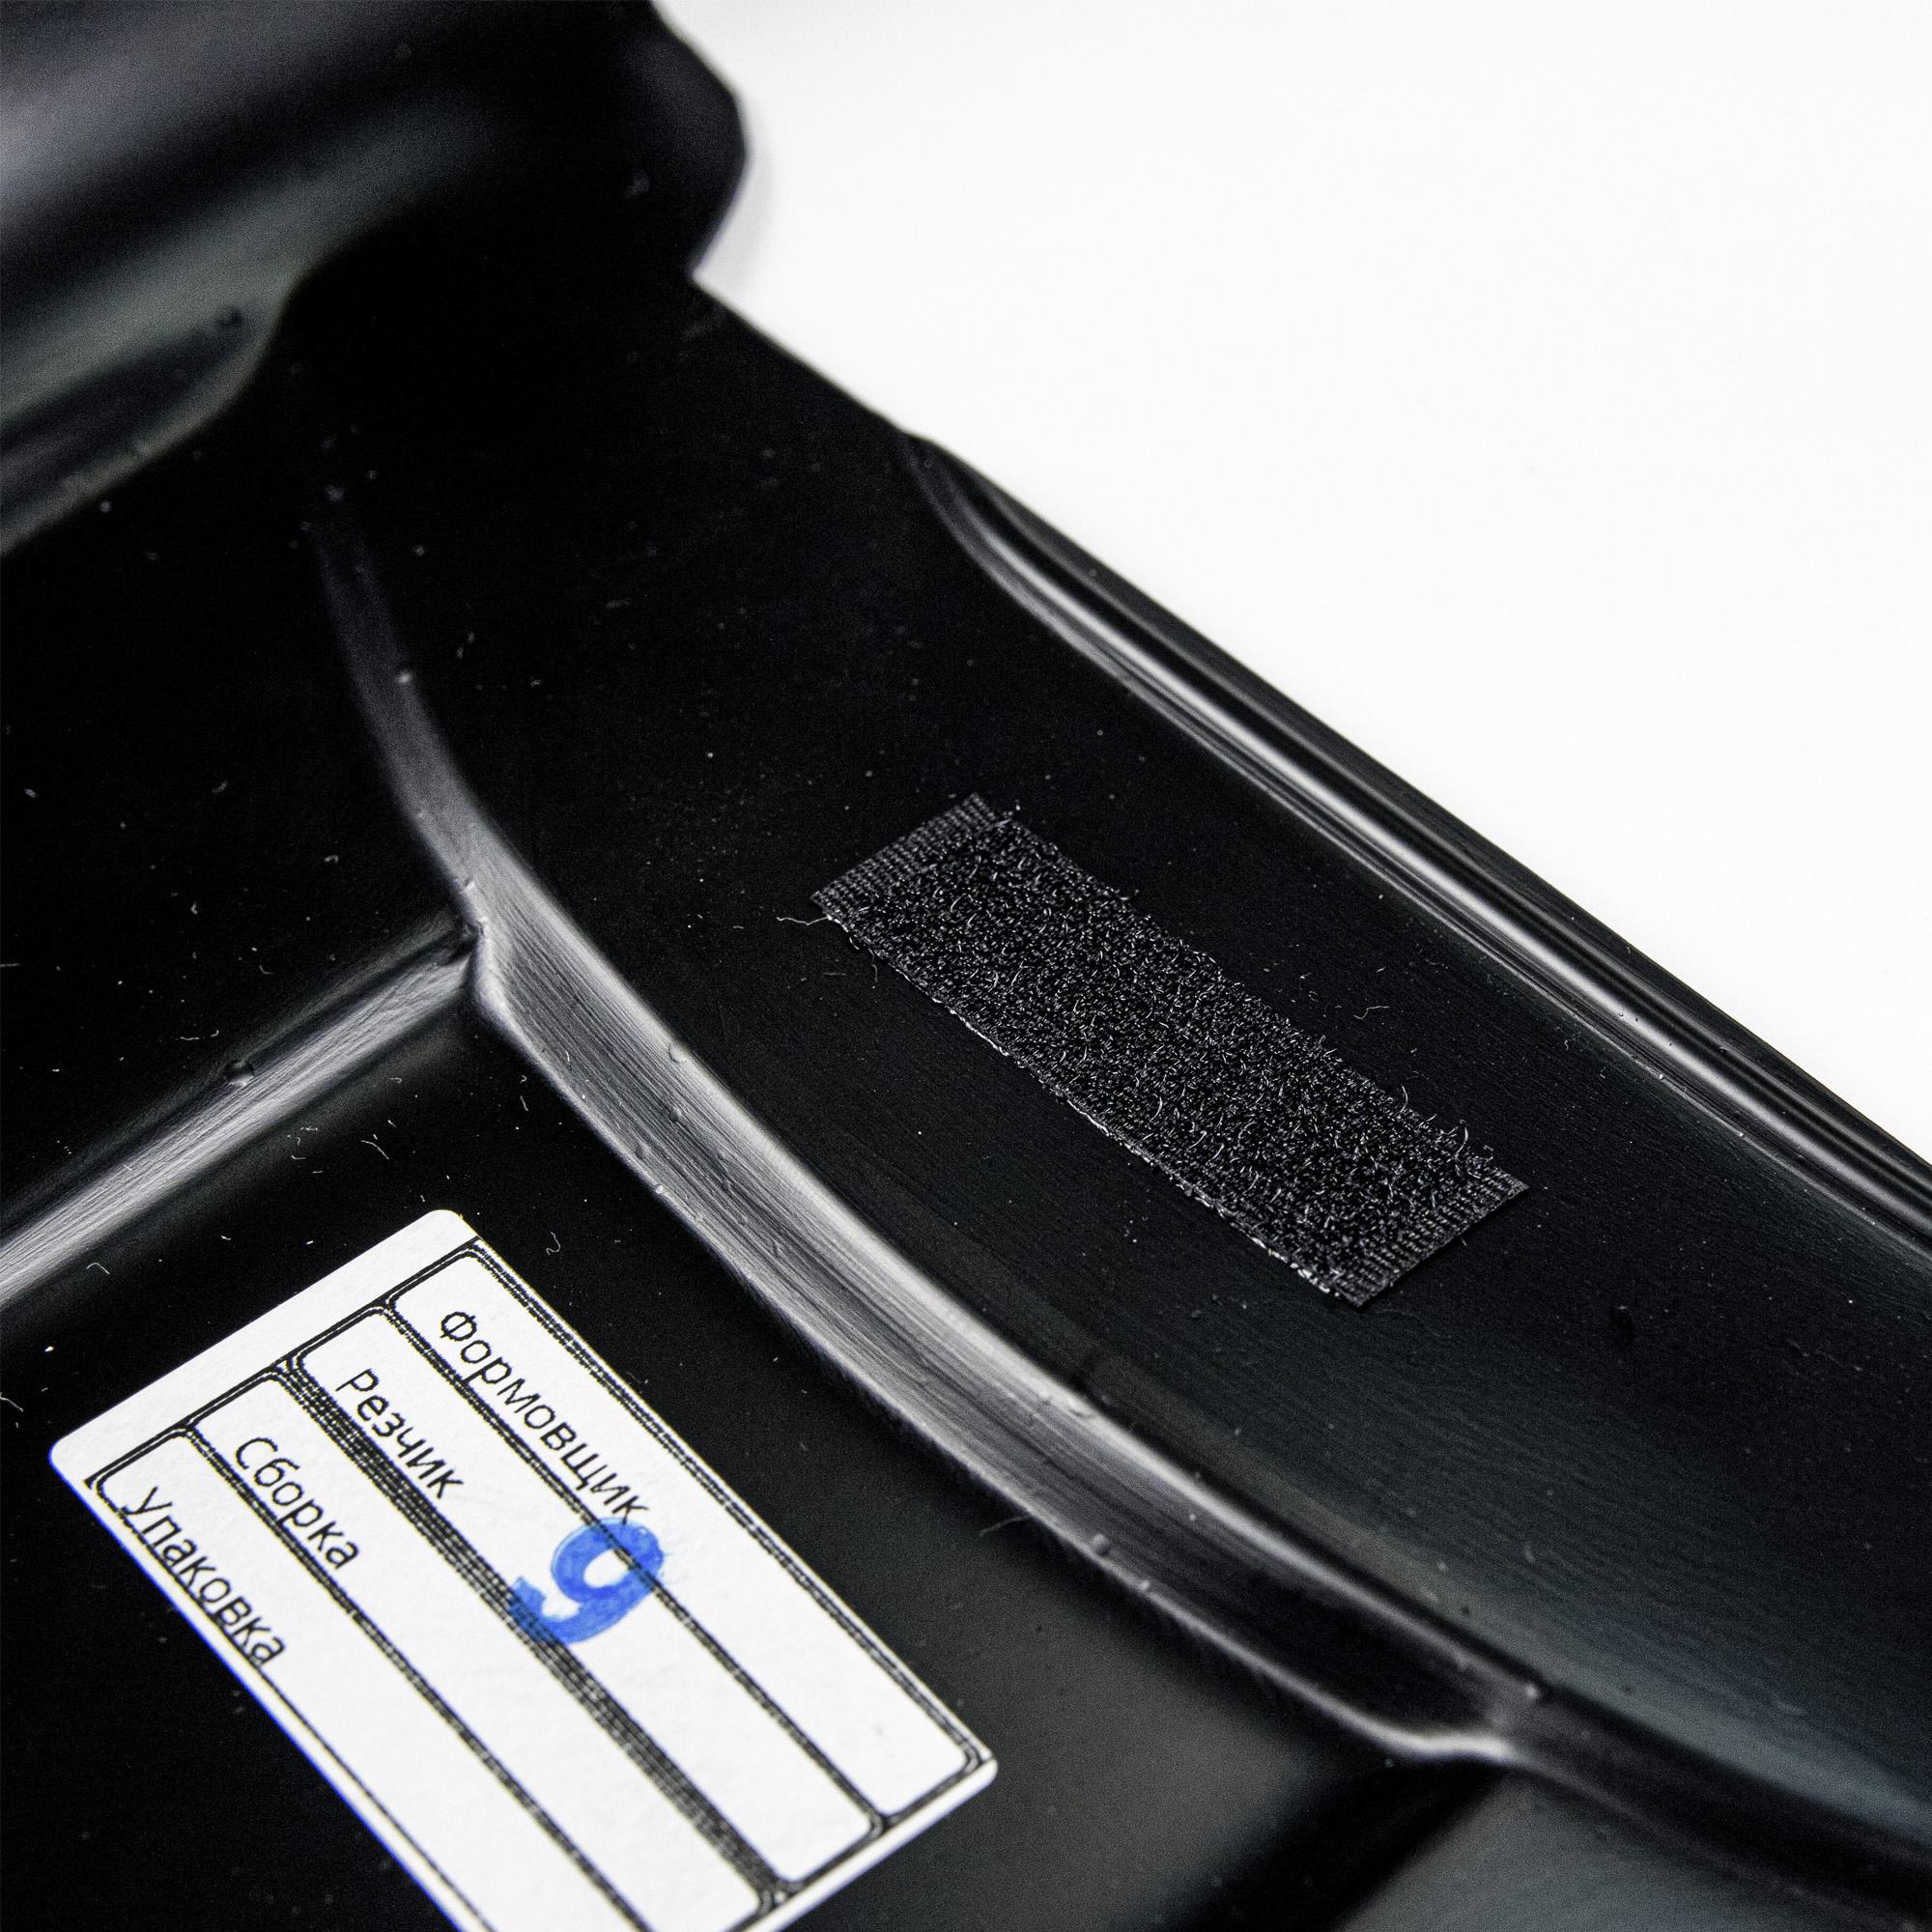 Накладка на тонель 2 ряда (штатный подлокотник) для Hyundai Solaris II; Kia Rio 4, X3